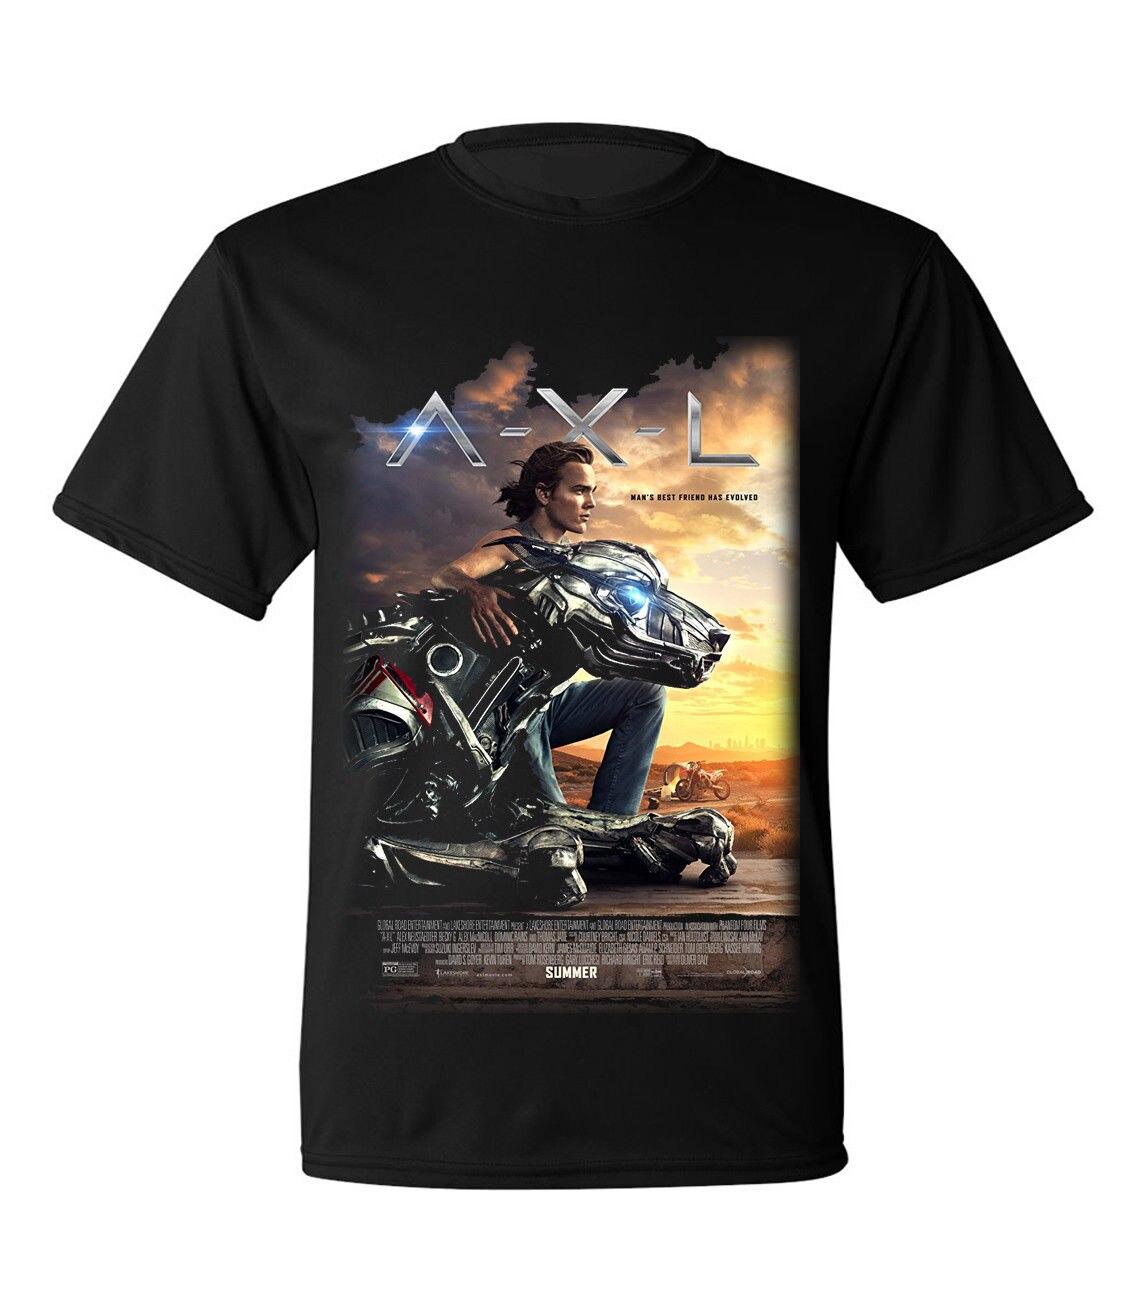 Axl Movie 2018 new a.x.l. movie 2018 t shirt size s to 2xl summer short